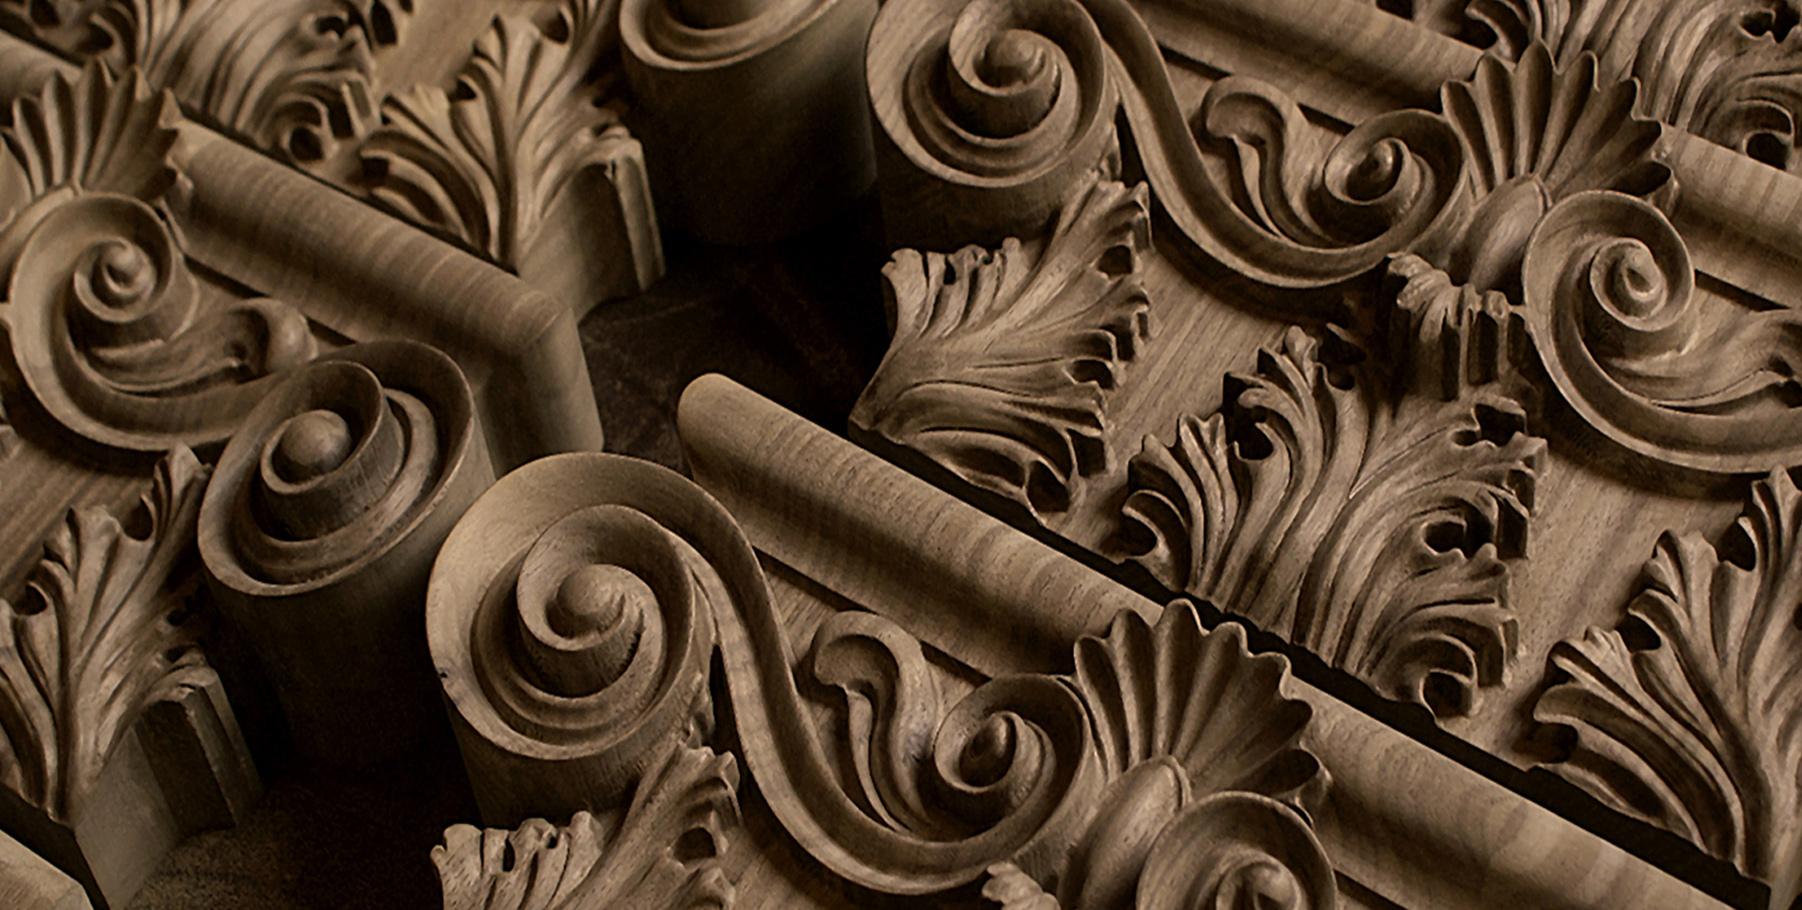 Kwasny carvings drewniane ornamenty architektoniczne